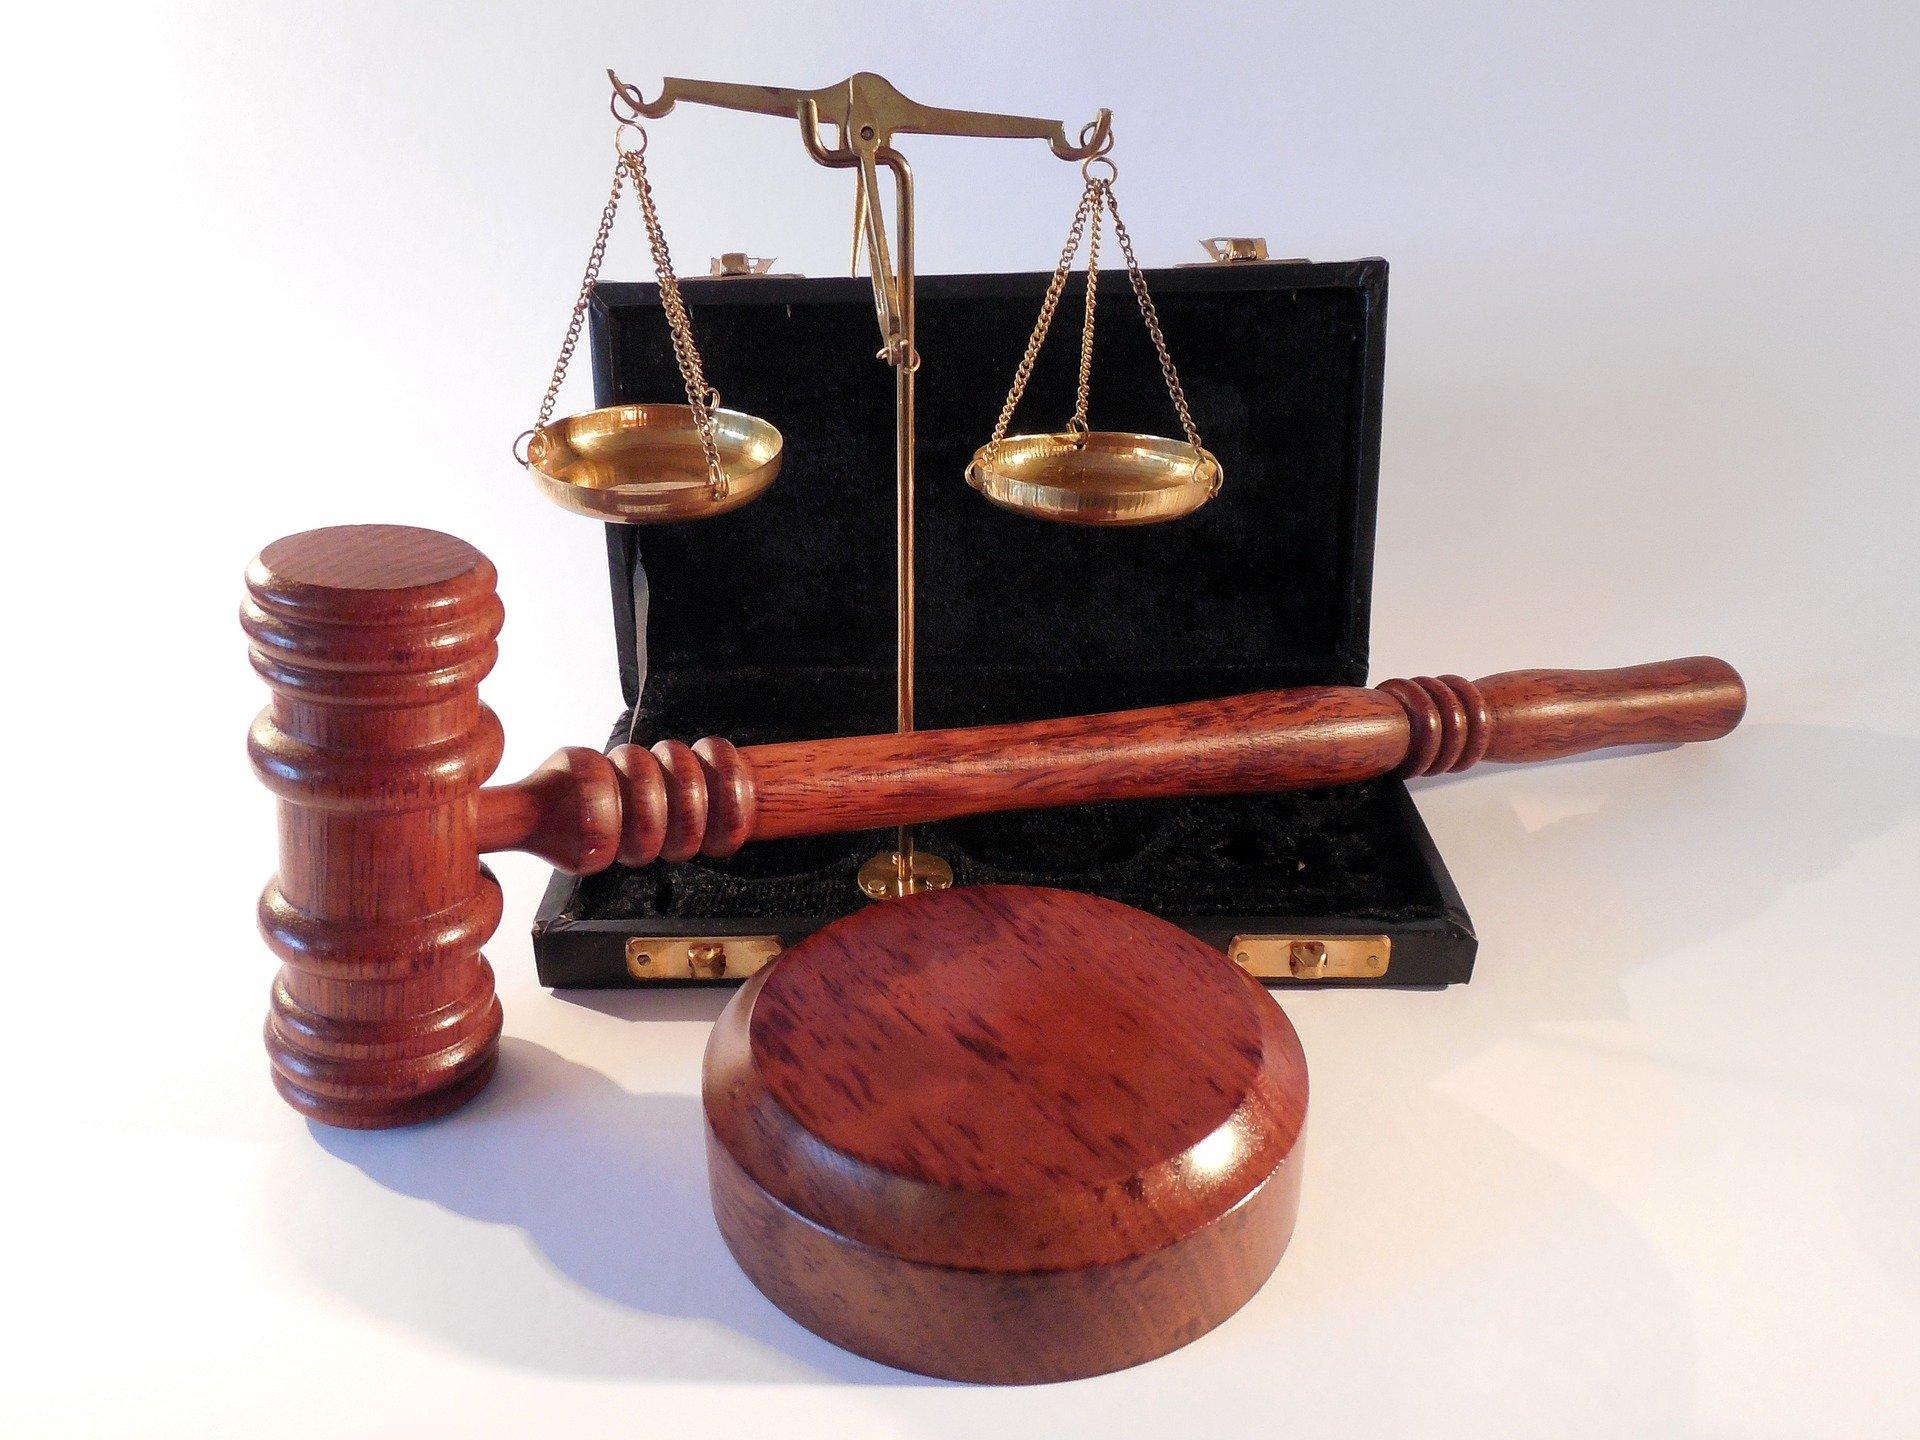 Застосування строків для накладення адміністративного стягнення за порушення законодавства про закупівлі